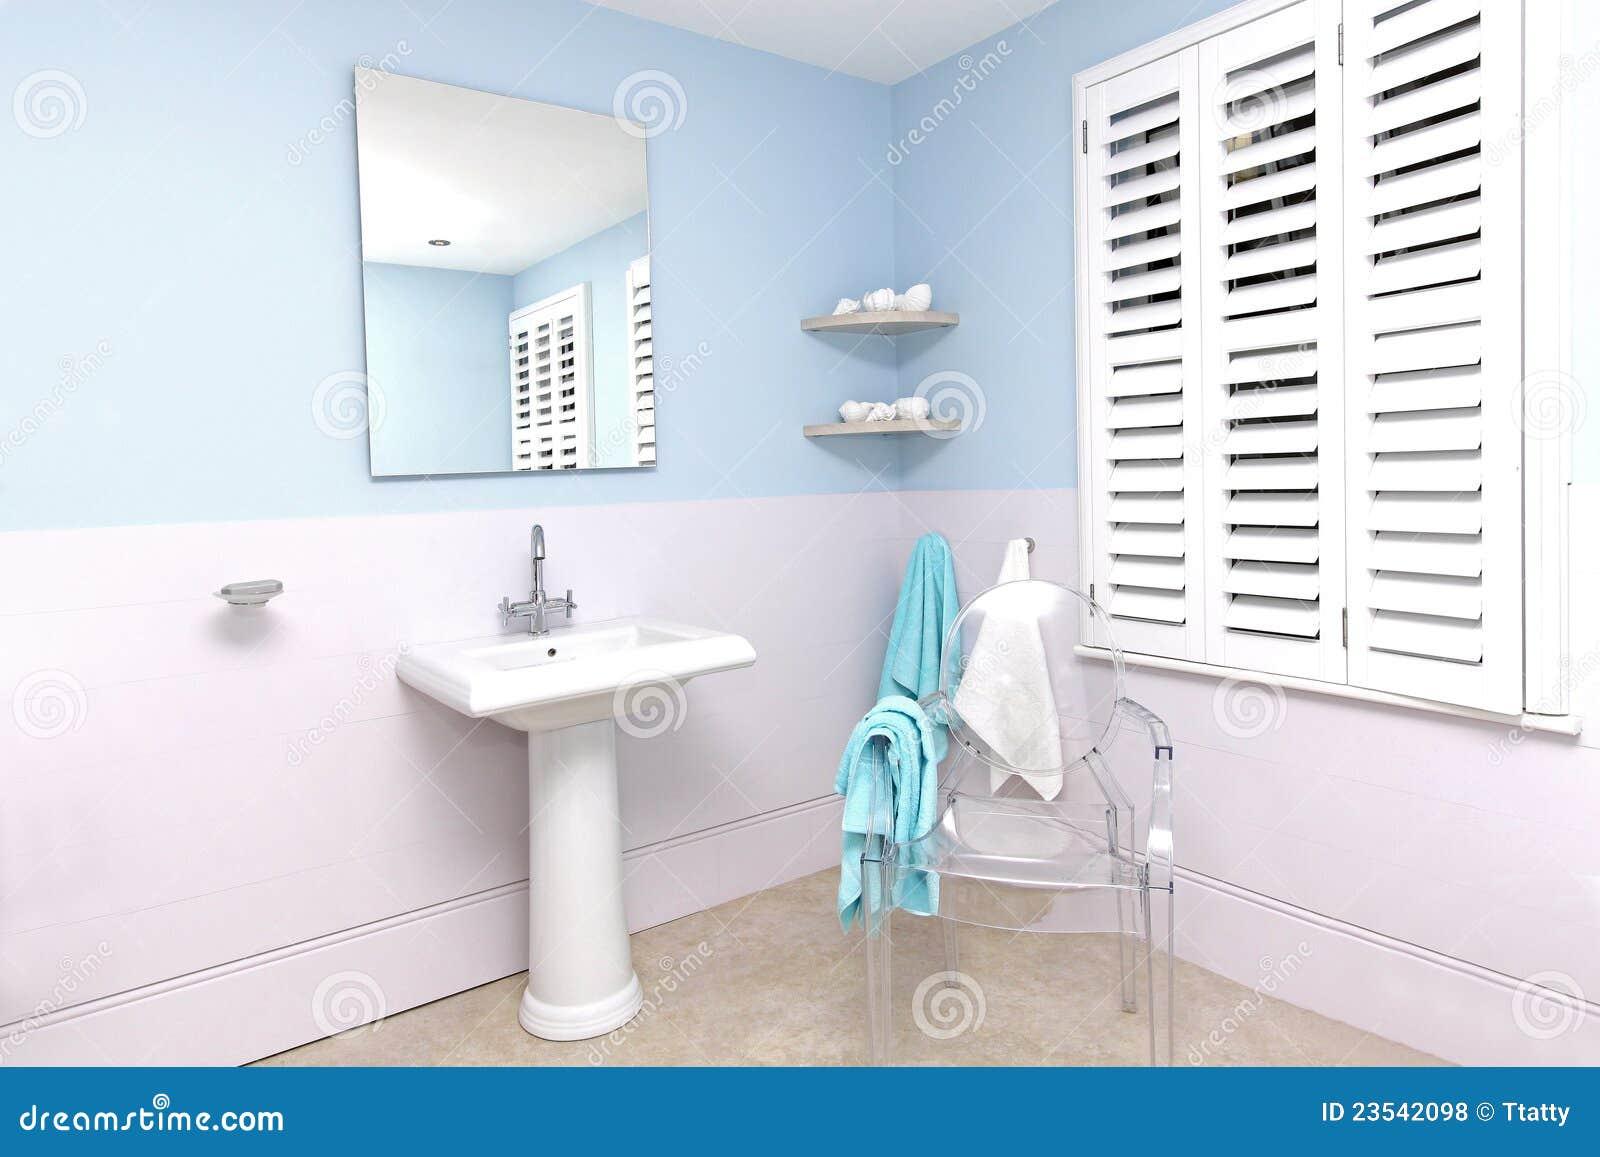 Blaues Badezimmer stockfoto Bild von wanne bassin regal